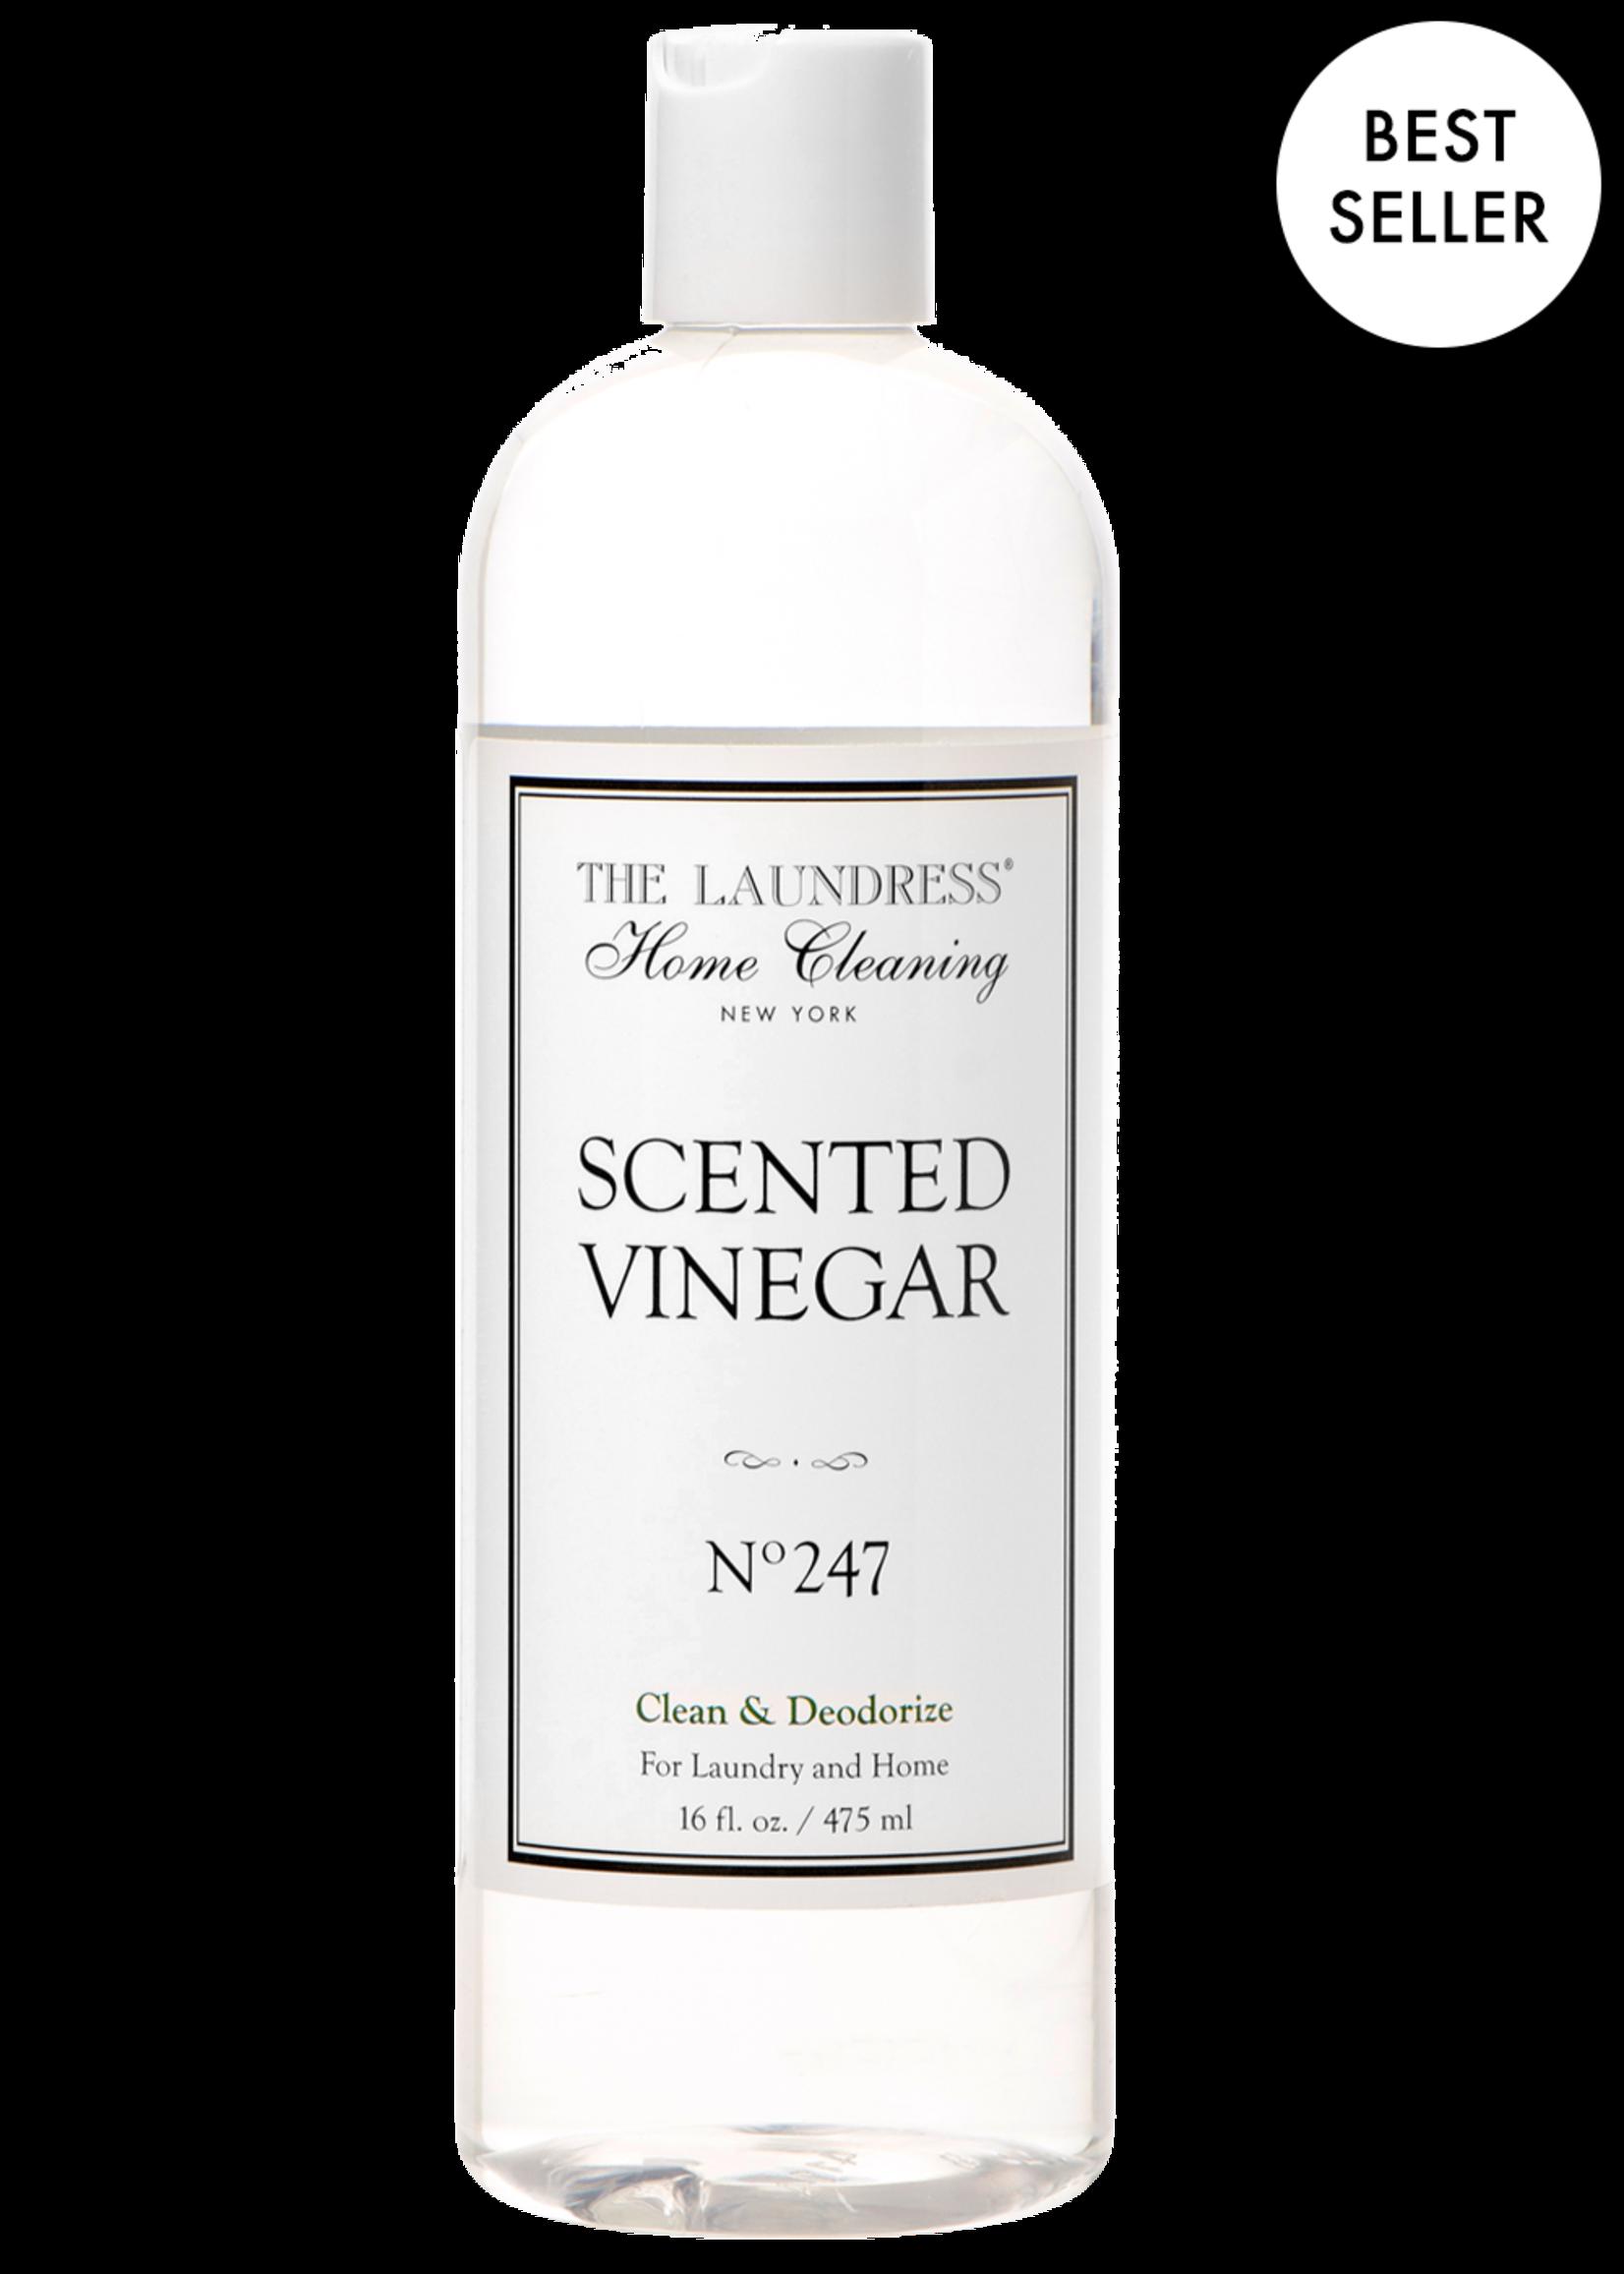 The Laundress New York Scented Vinegar